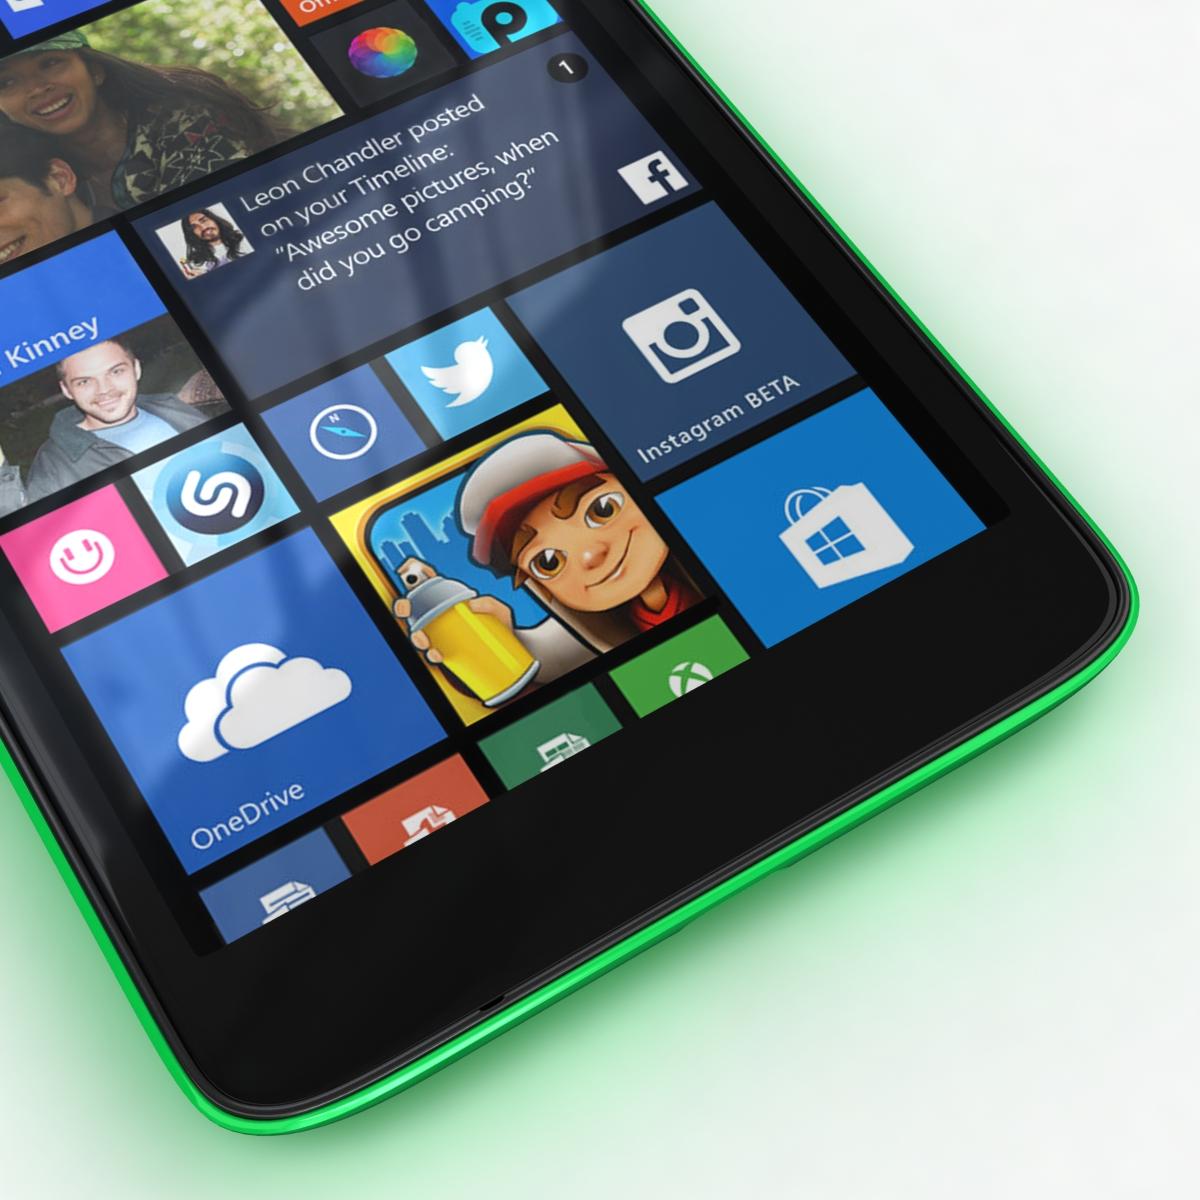 microsoft lumia 535 and dual sim all colors 3d model 3ds max fbx c4d obj 204671